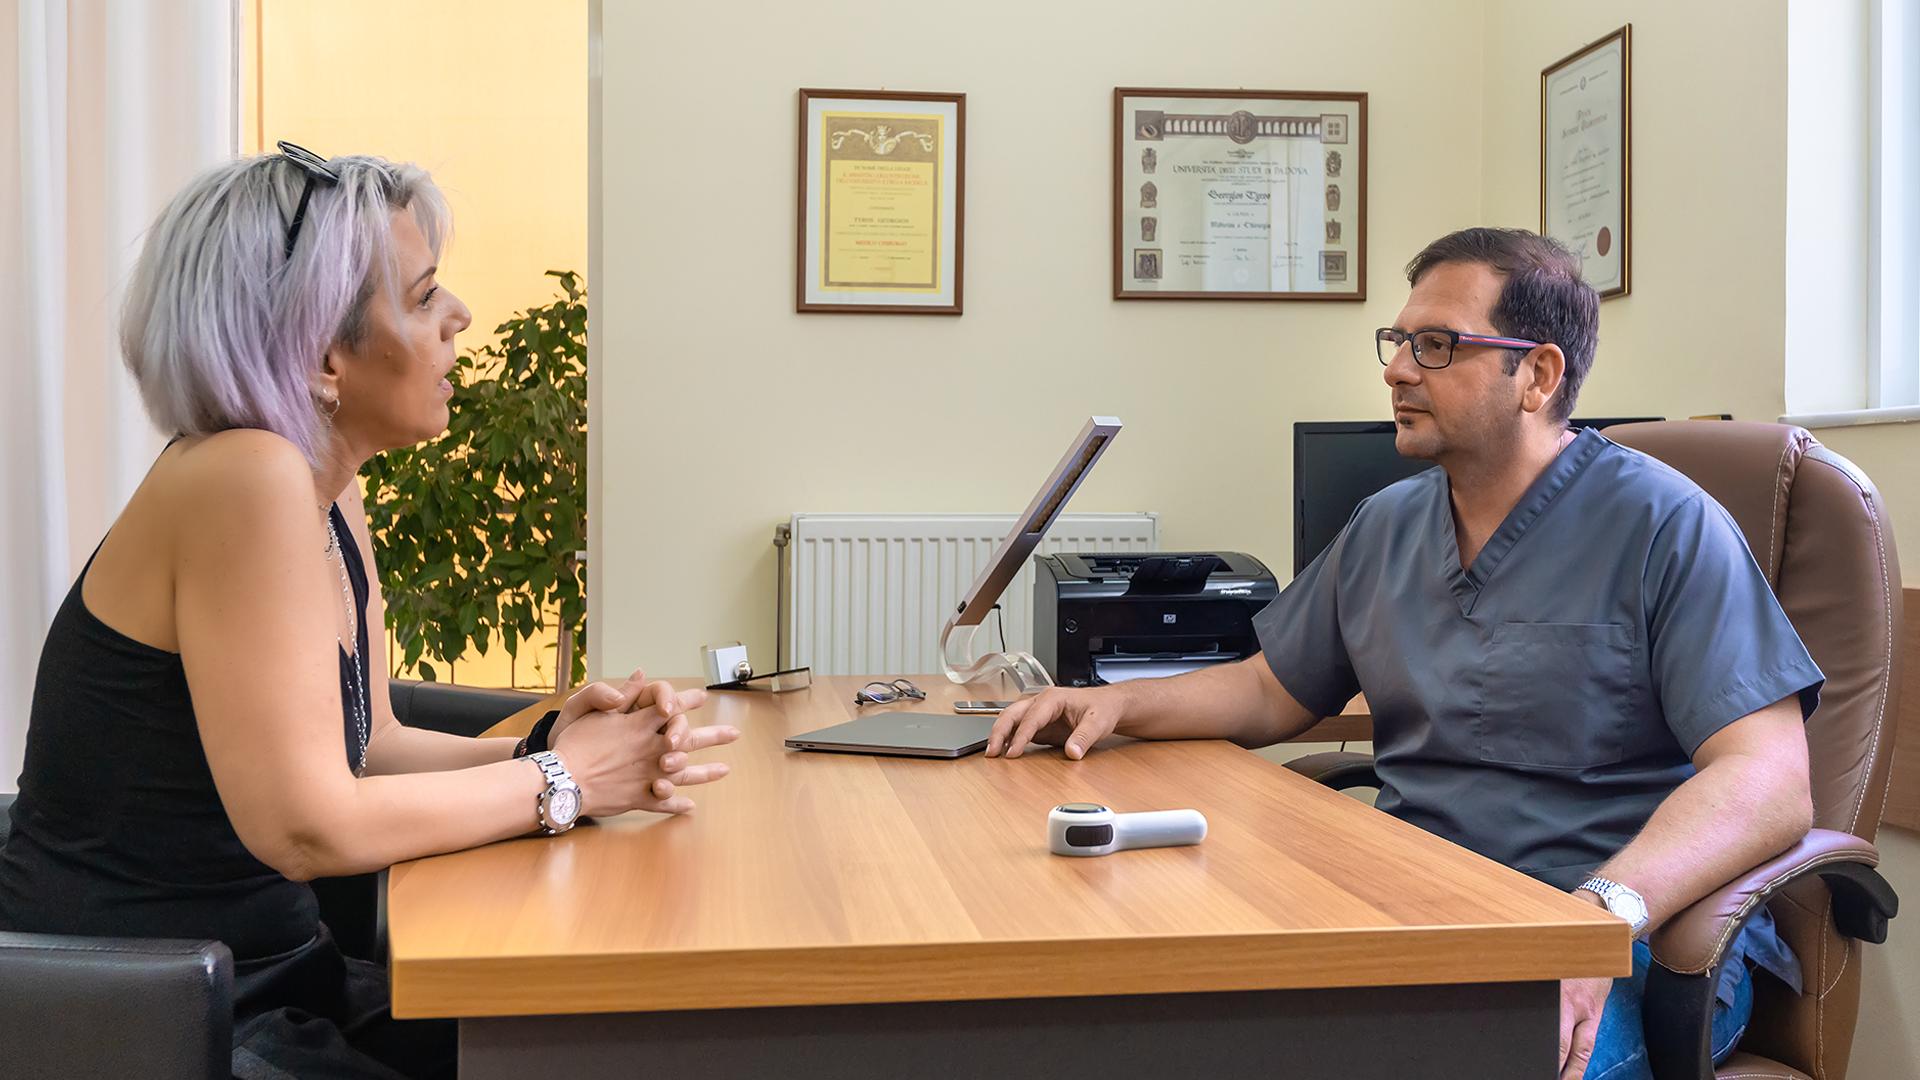 Γιώργος Τύρος - Δερματολόγος Αφροδισιολόγος - consultation